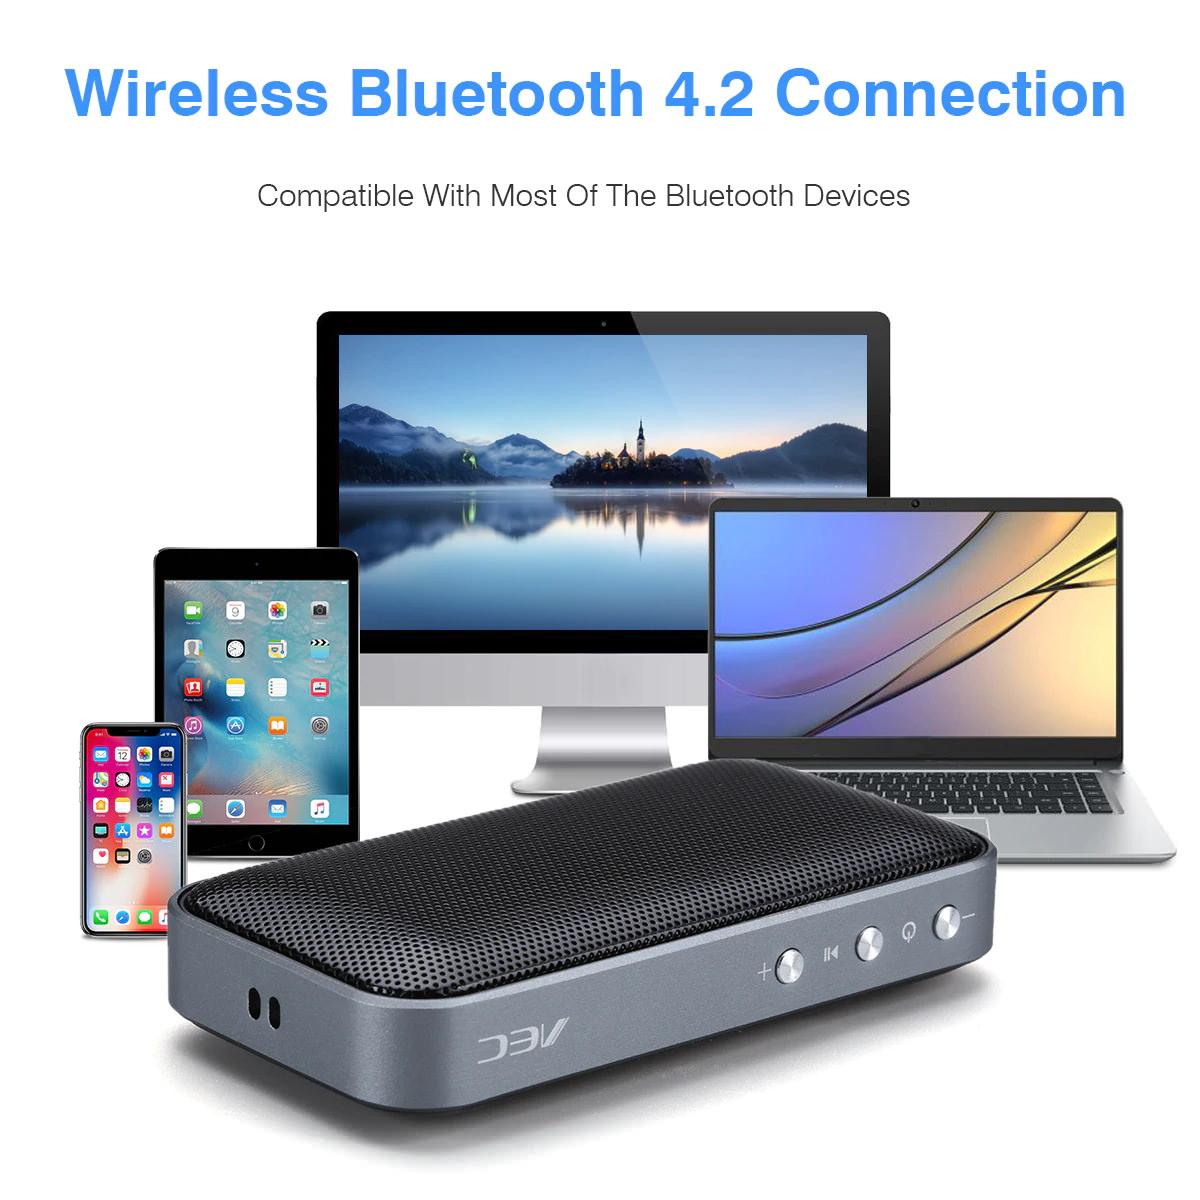 aec bt-209 wireless bluetooth speaker for sale